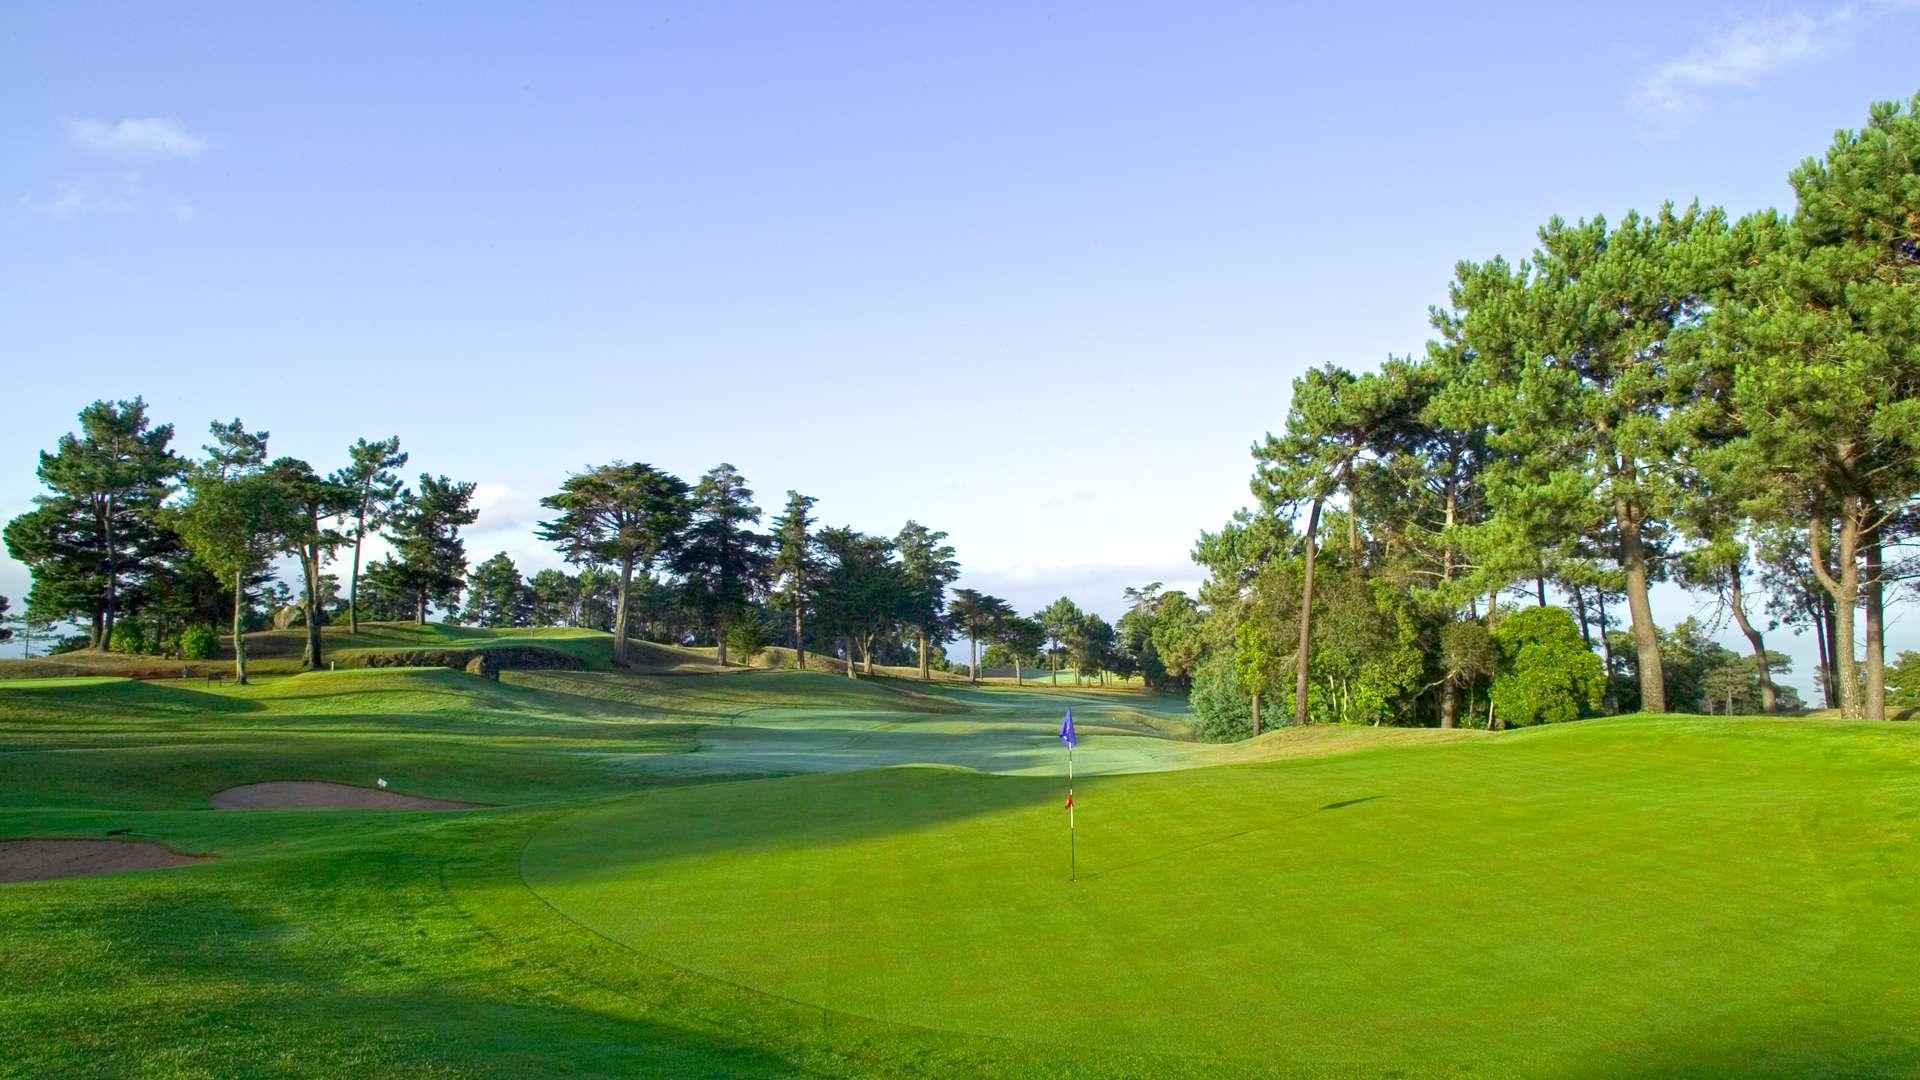 Climat tempéré toute l'année, l'archipel de Madère est un endroit d'exception et l'une des destinations au monde les plus appréciées pour la pratique du golf